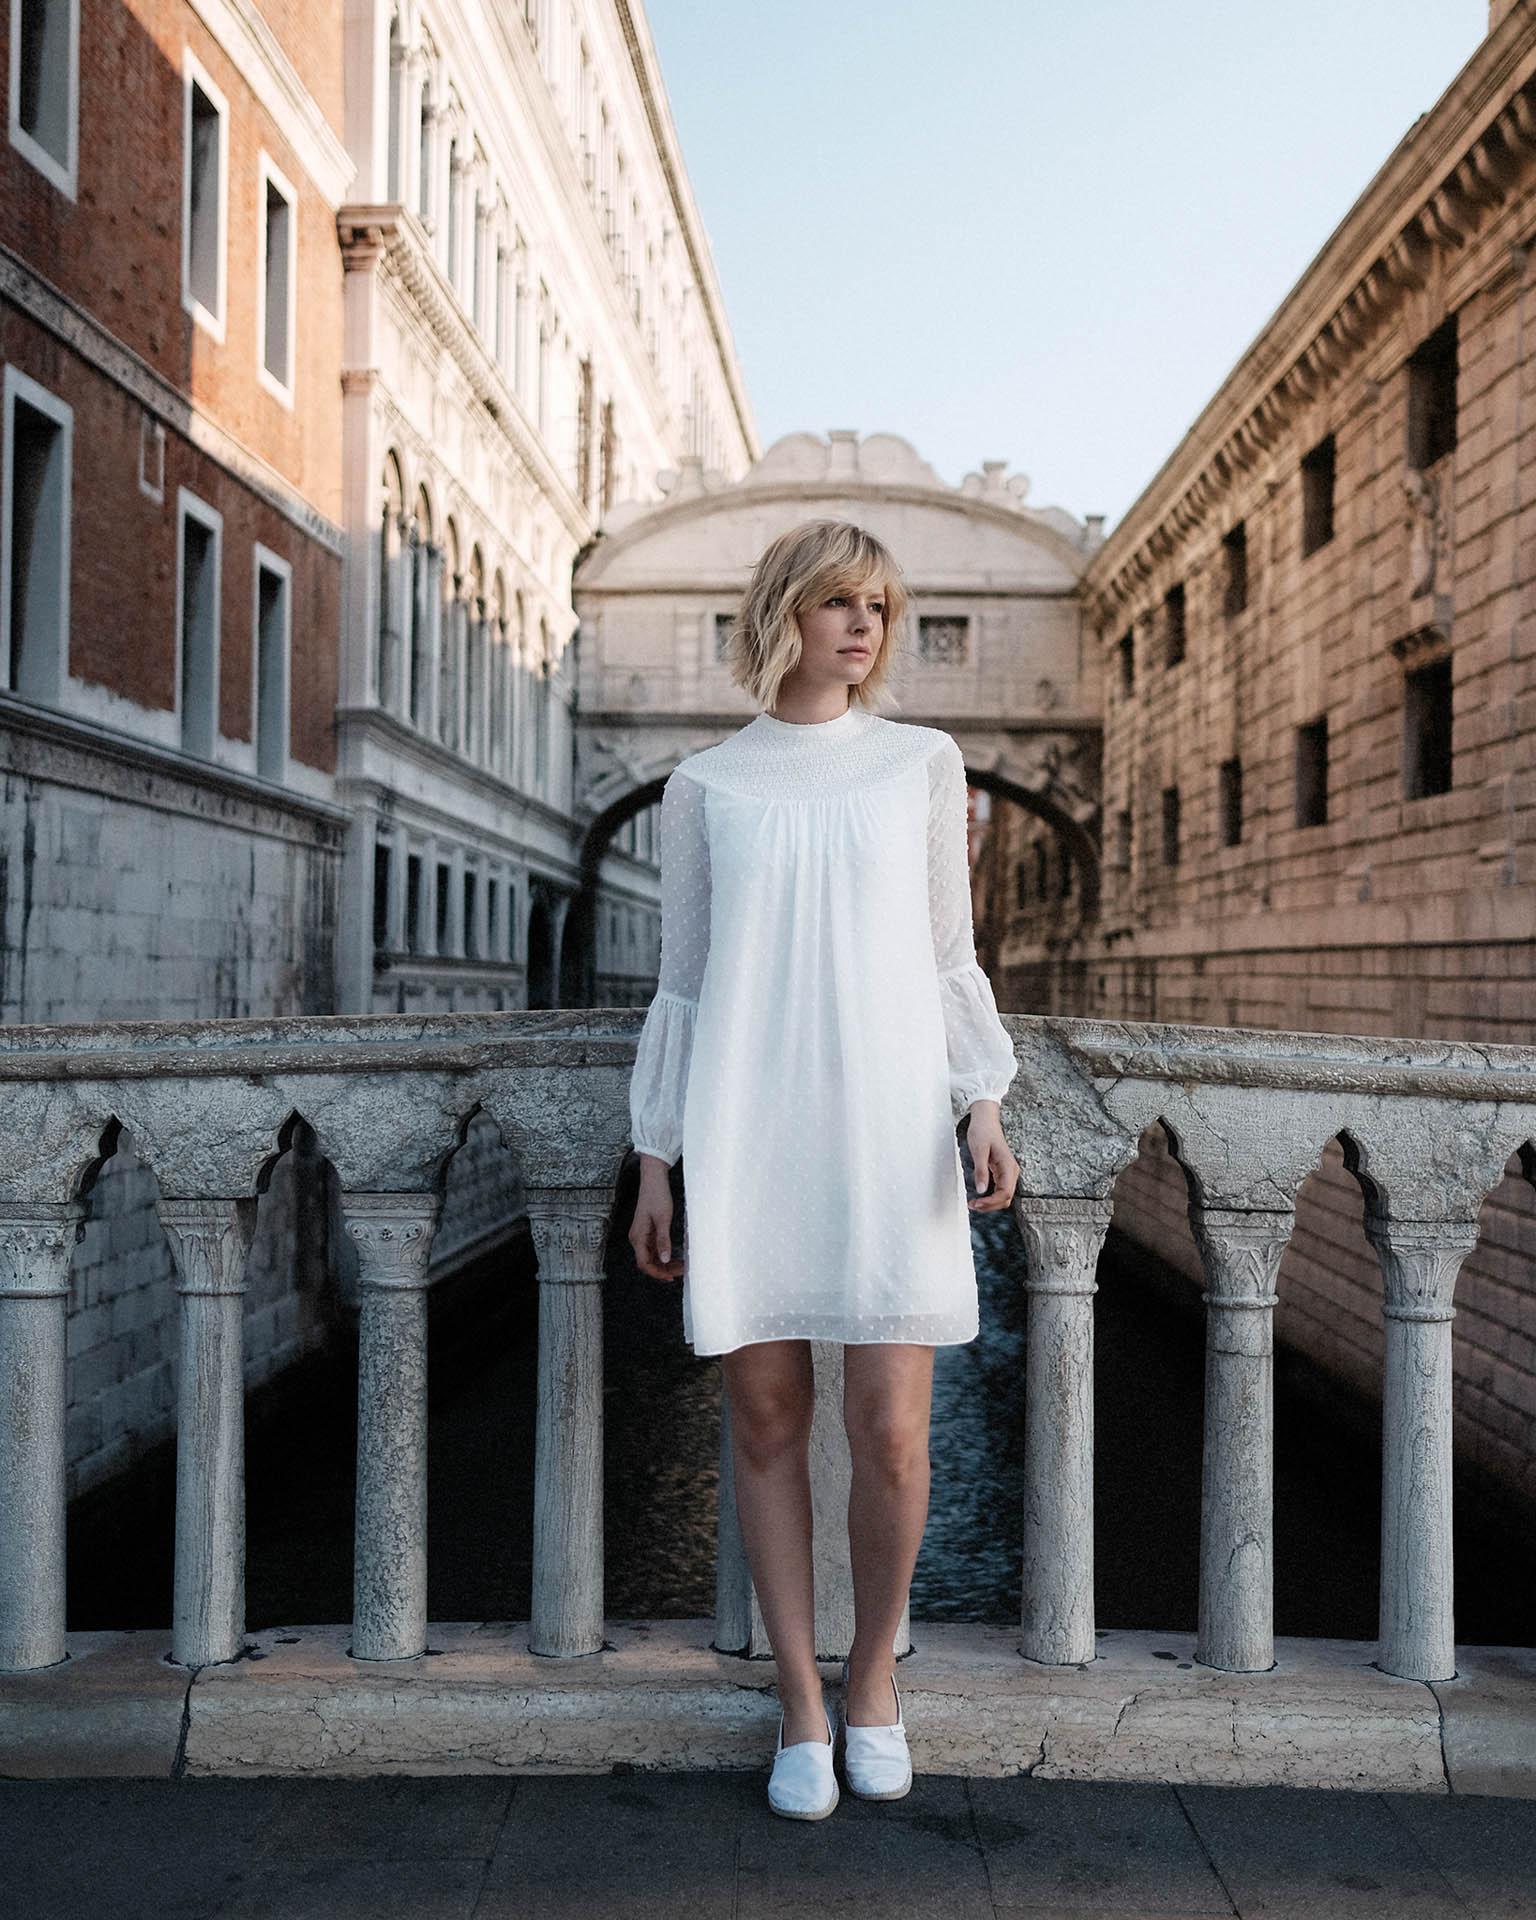 kurzes Sommer Brautkleid auf Brücke in Venedig